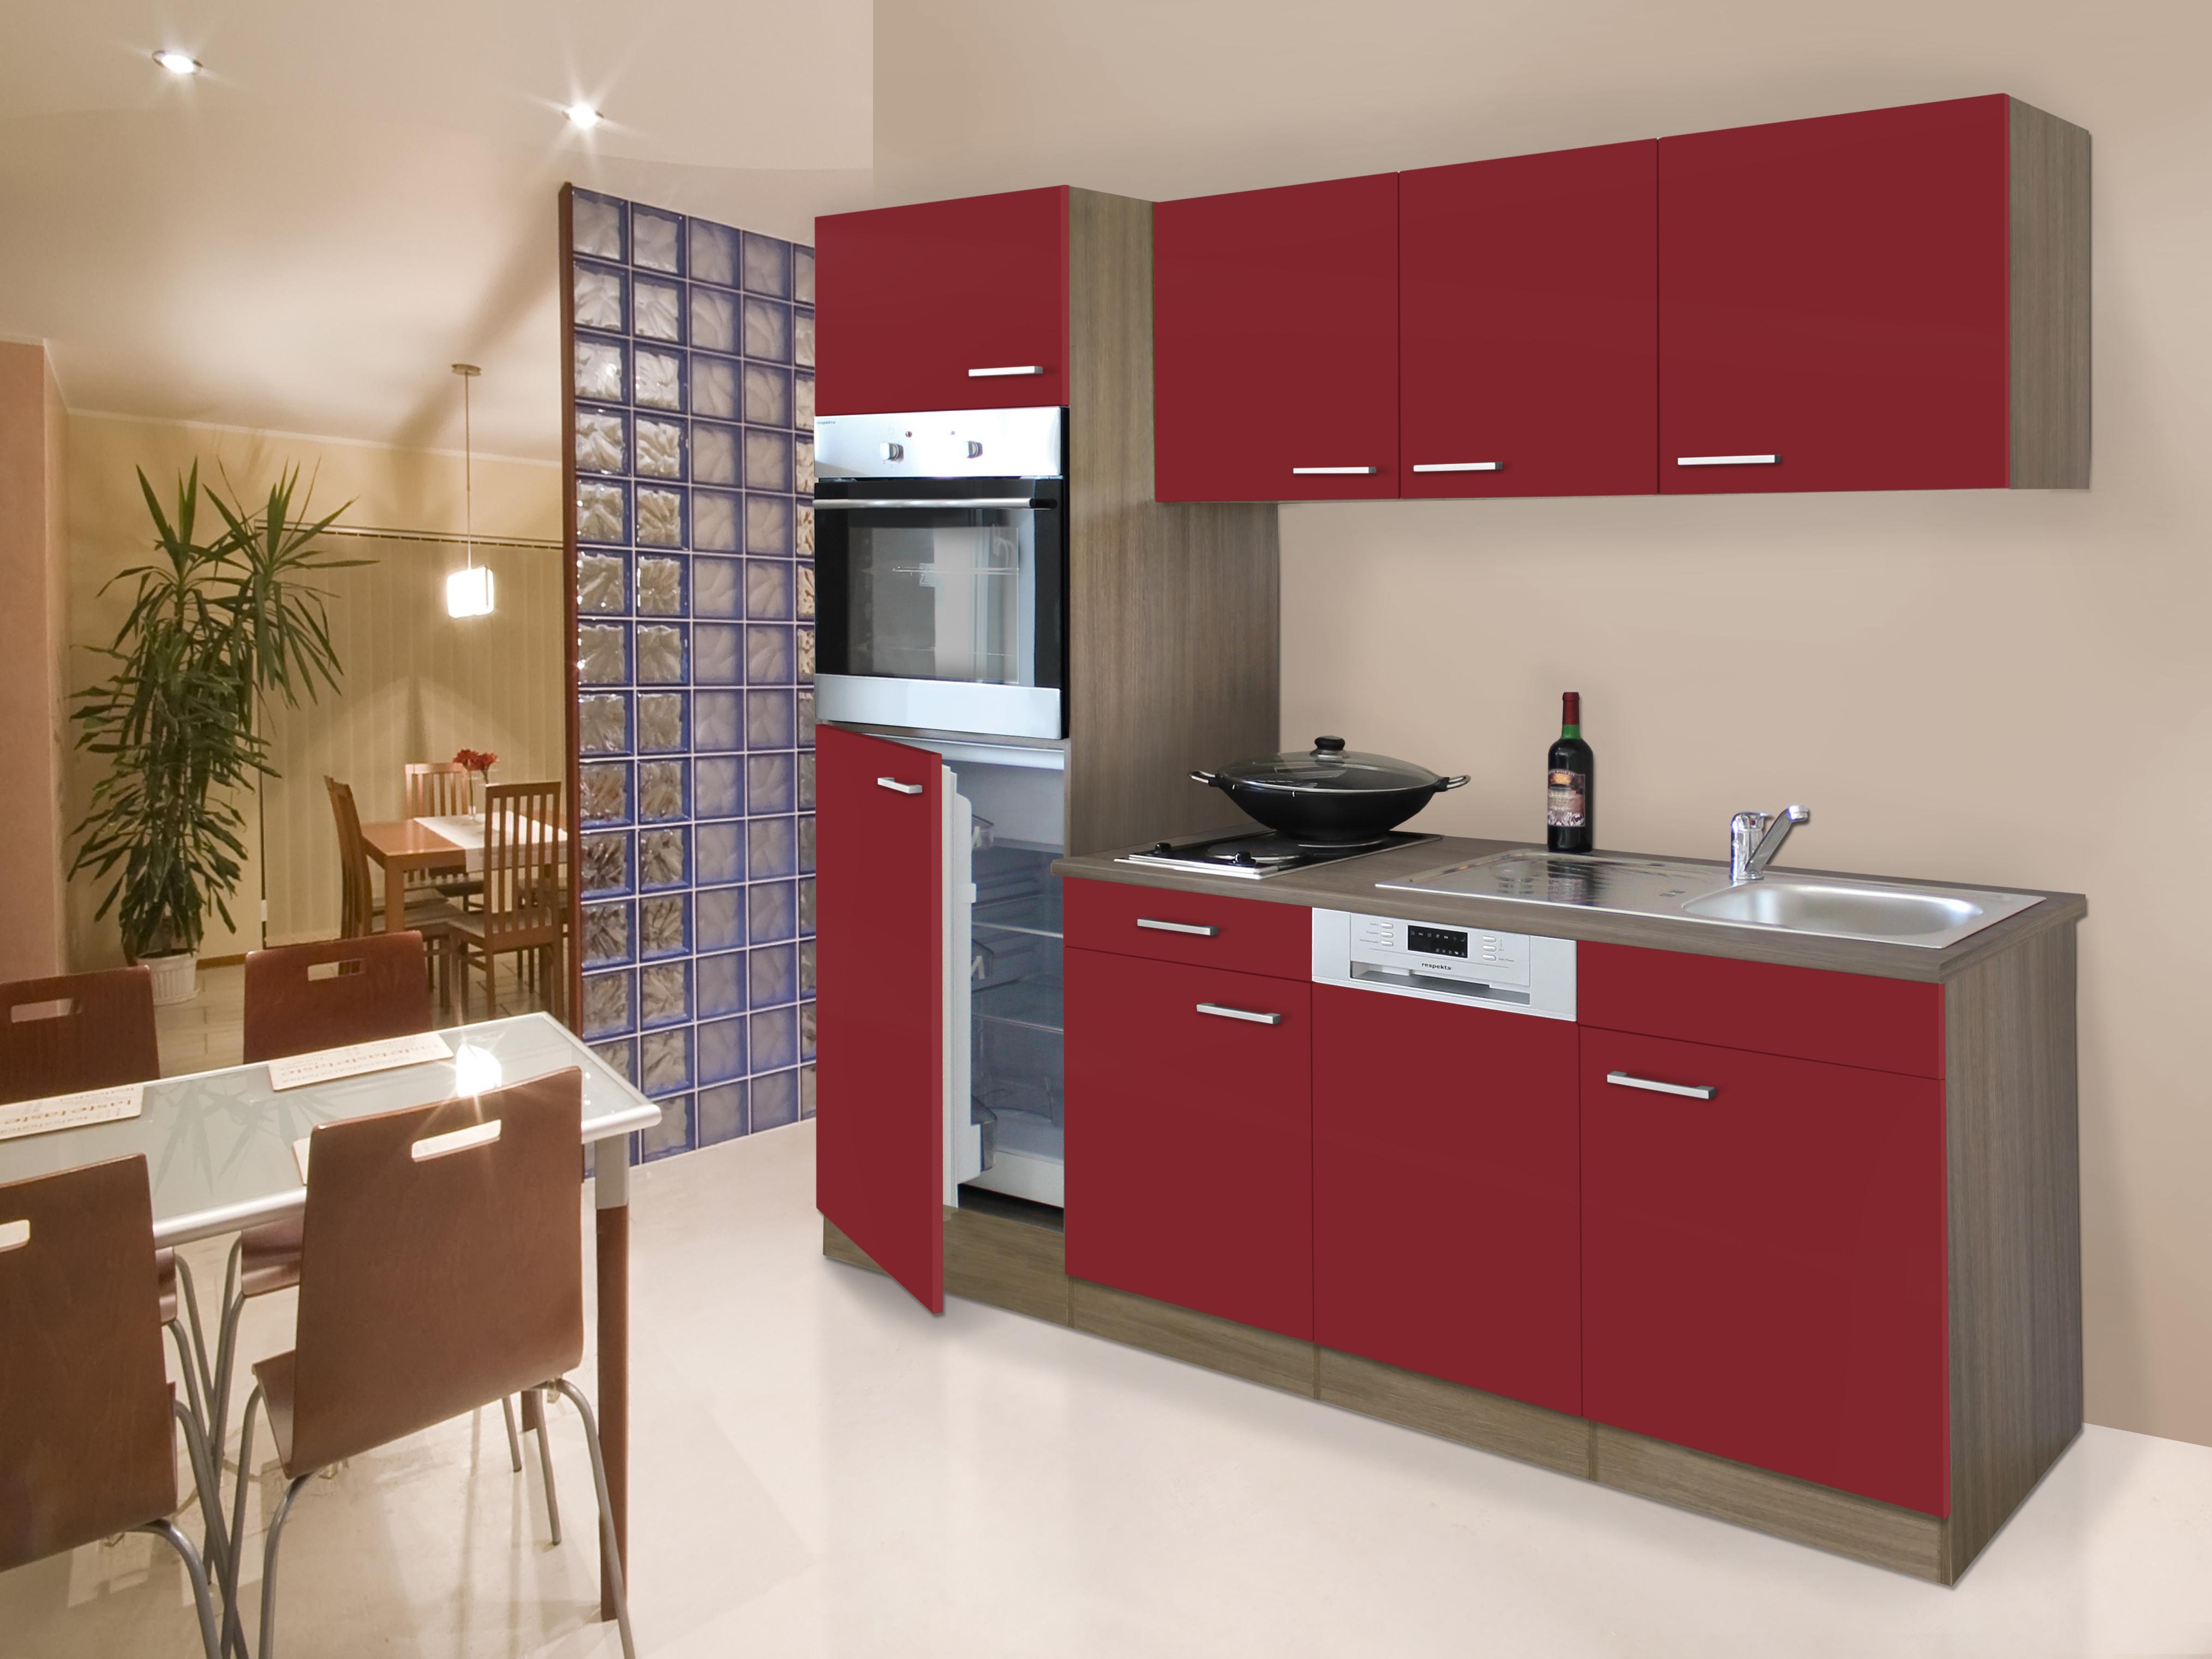 respekta Küche Küchenblock Küchenzeile Einbau Singleküche 205 cm Eiche York rot